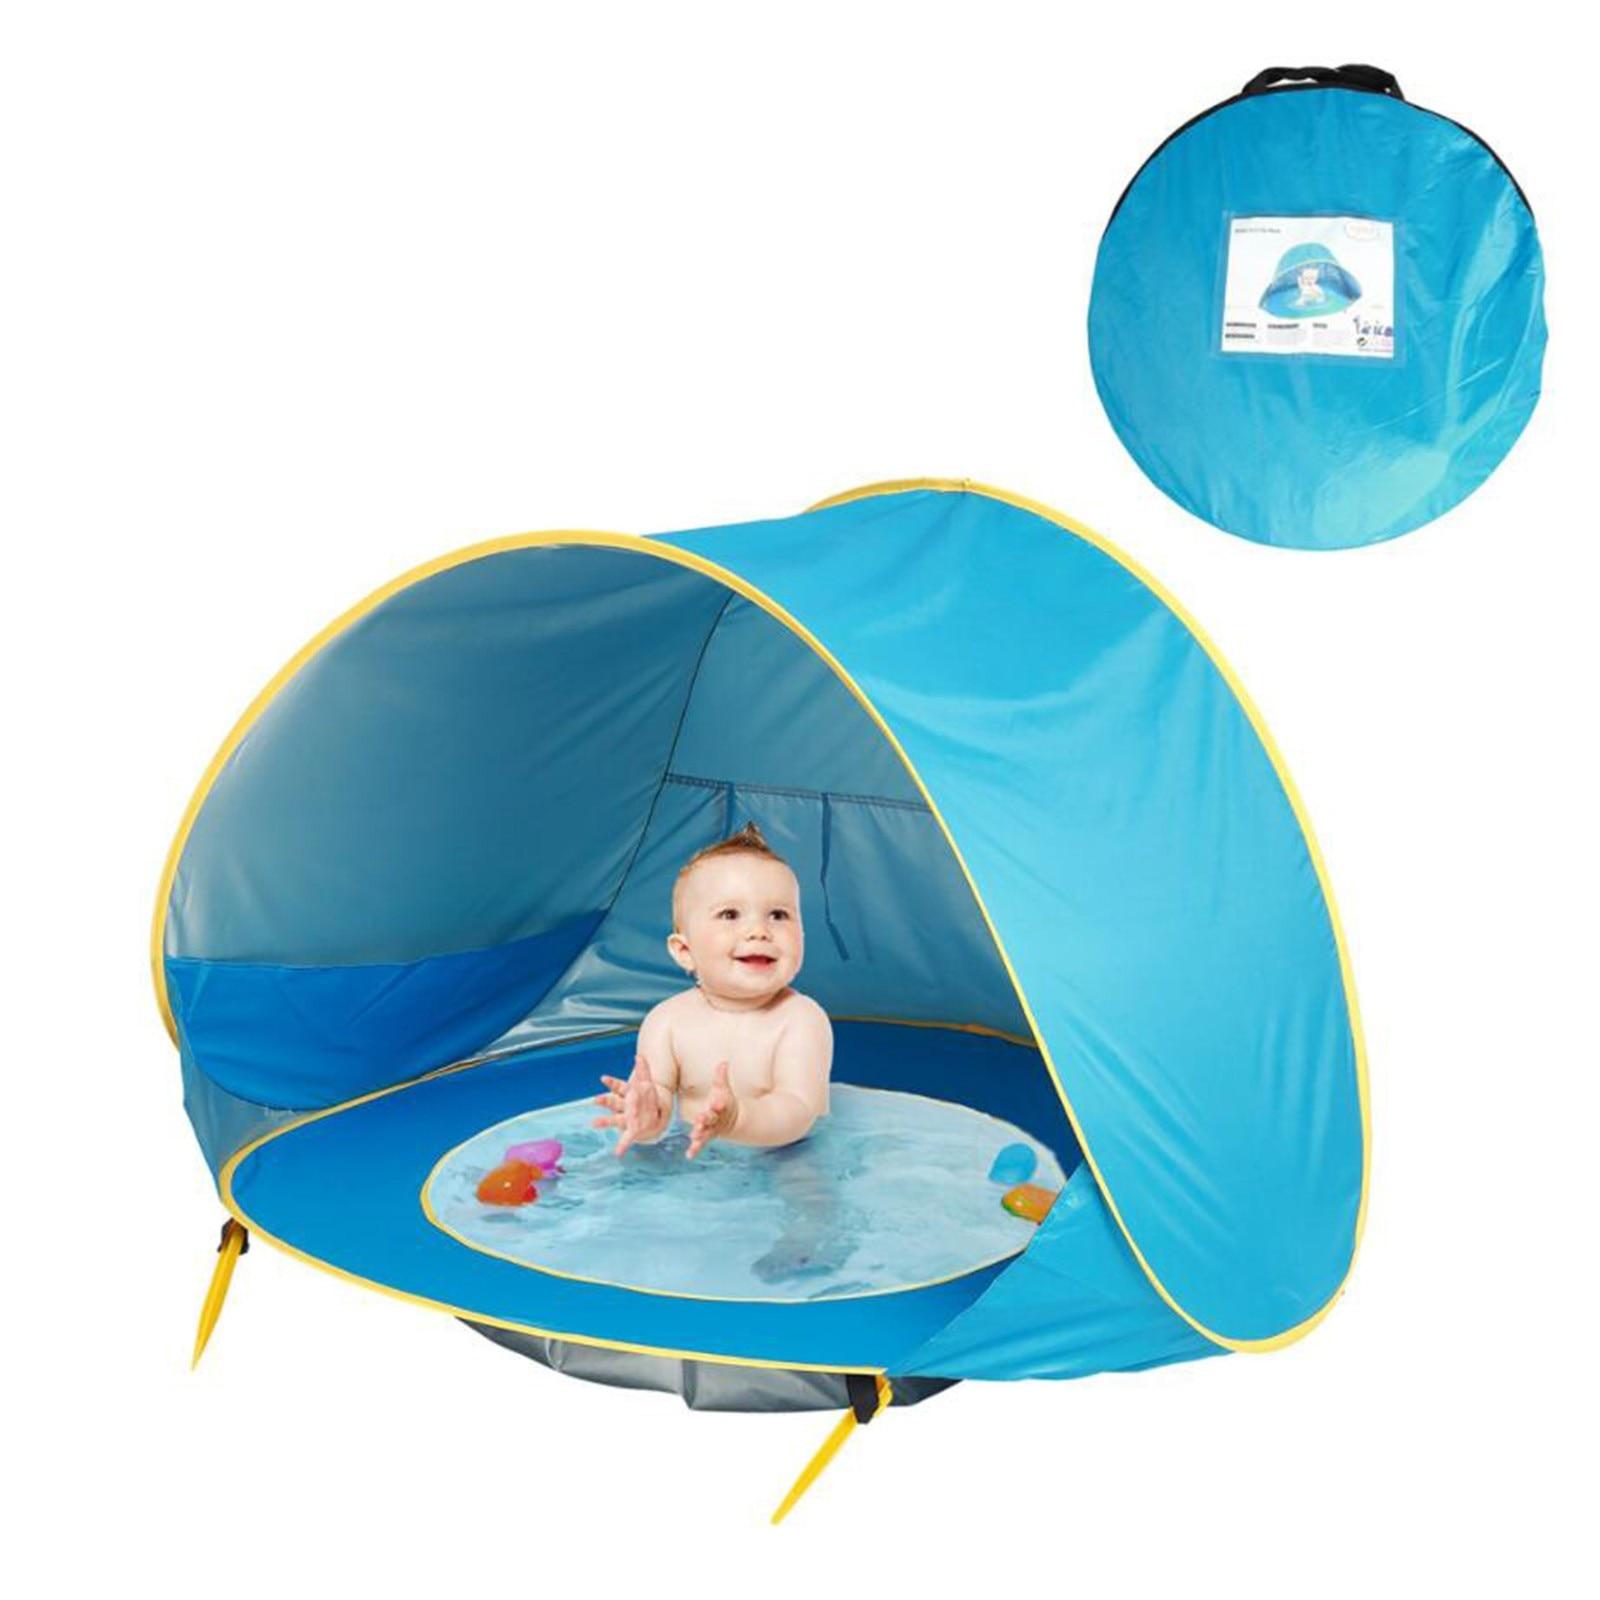 אוהל עם צילון ובריכה לתינוק  1